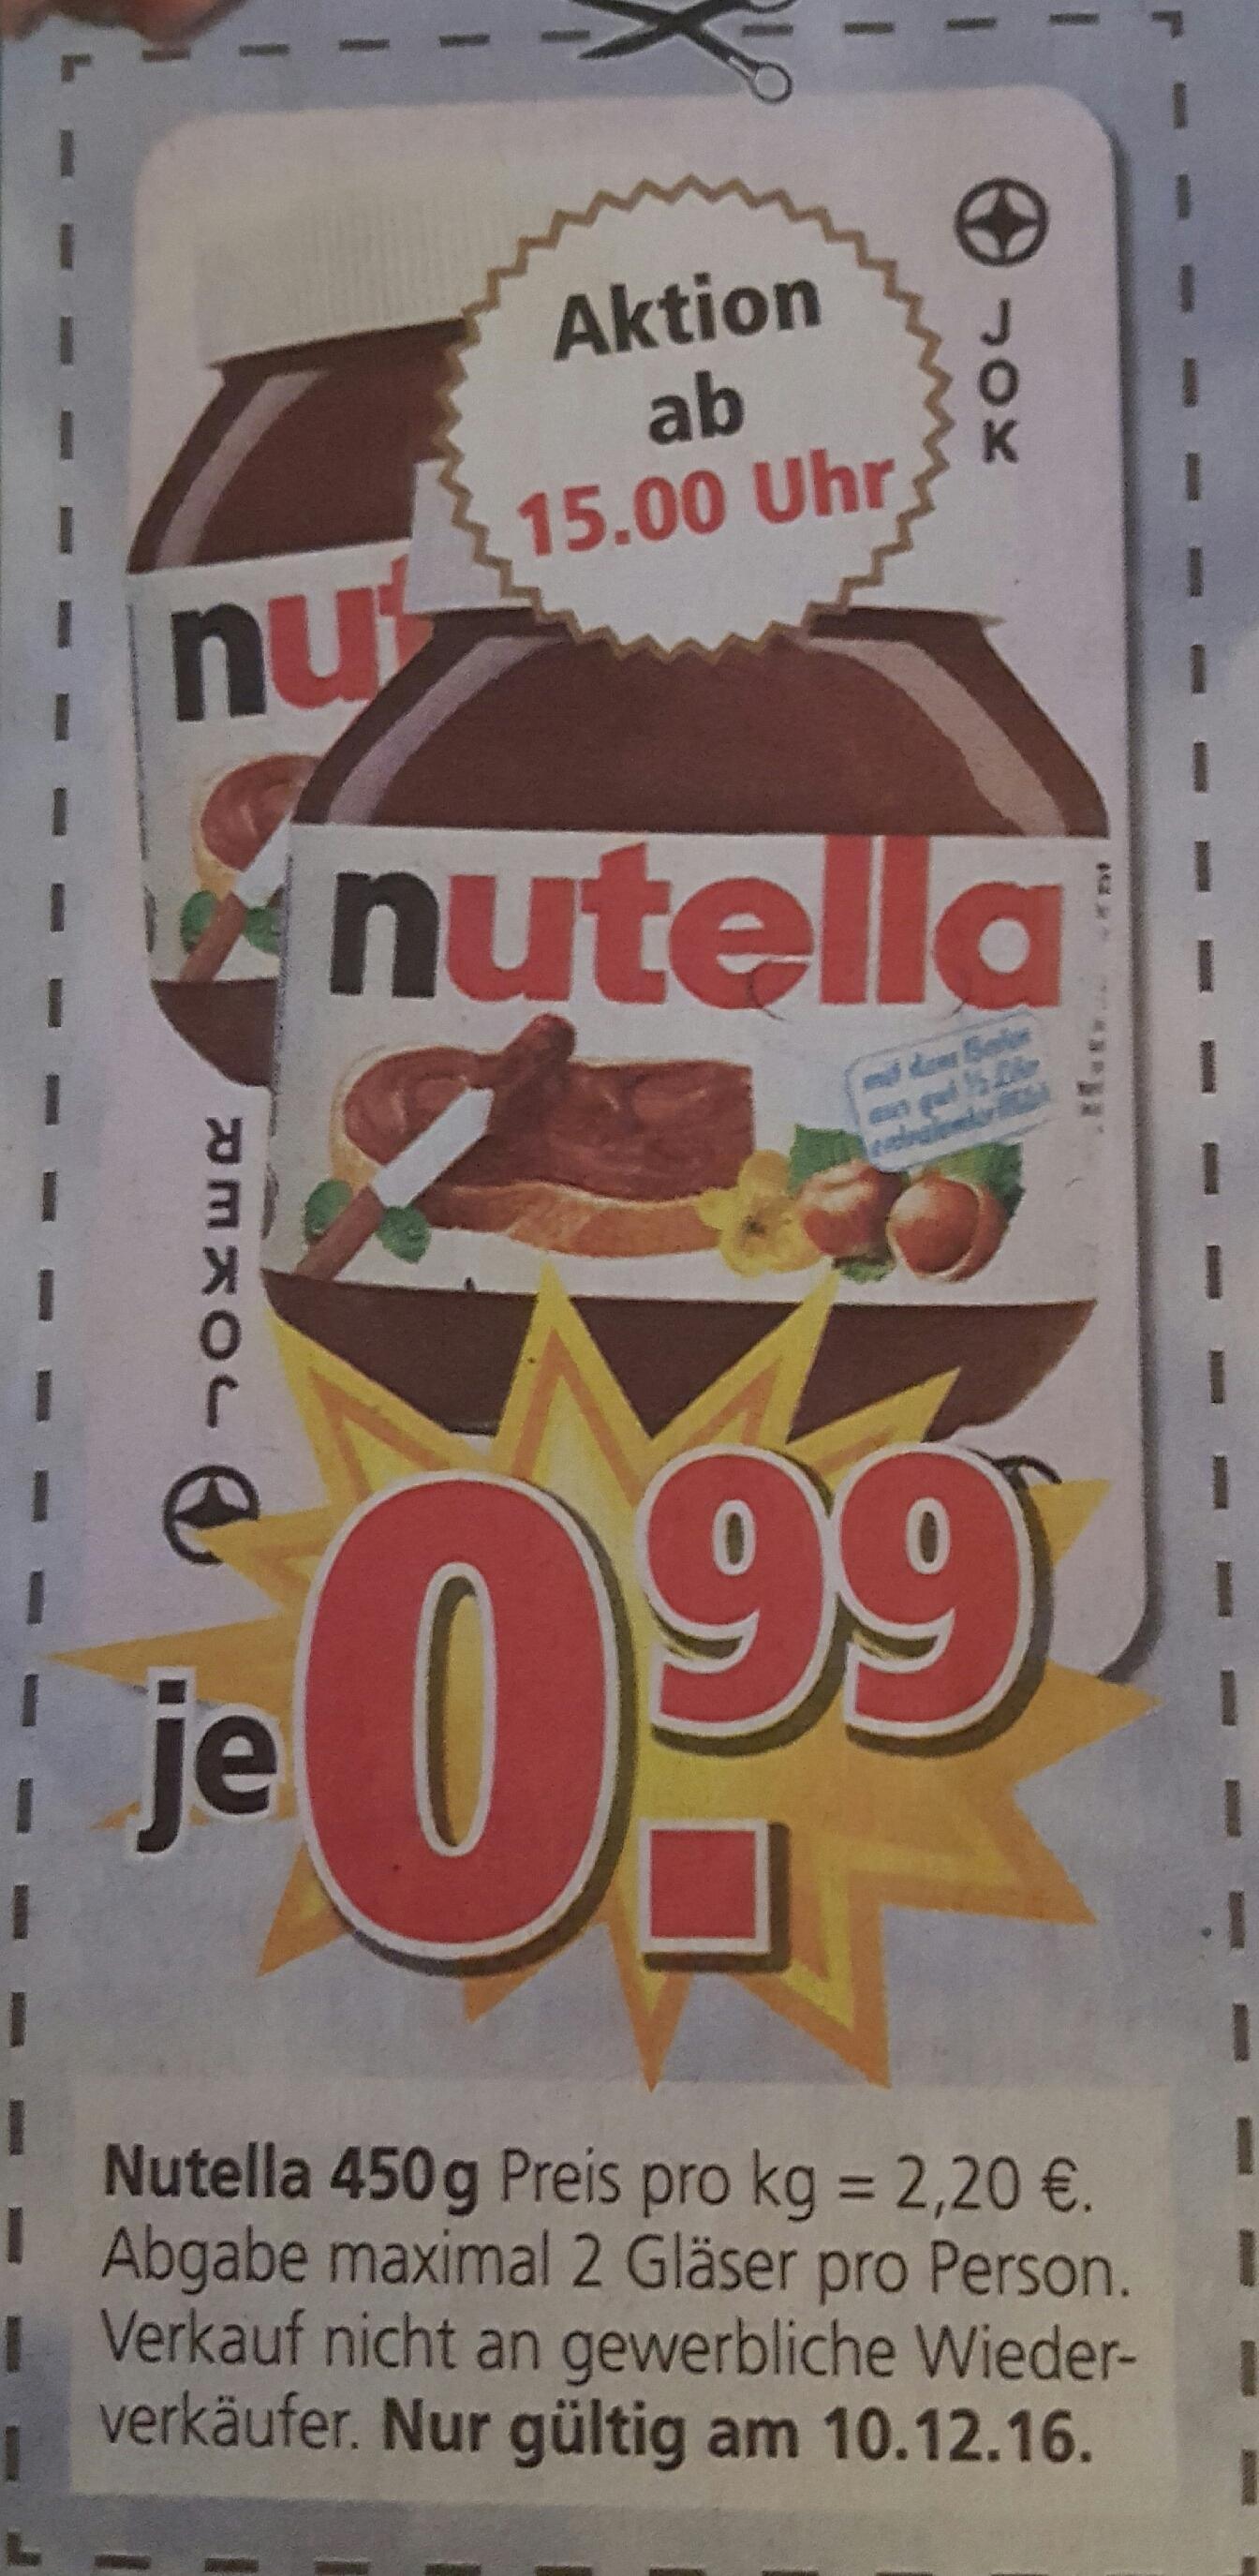 Nutella 450 g für 0,99 €/St. am 10.12.16 bei Möbel Kempf in Bad König (Lokal)